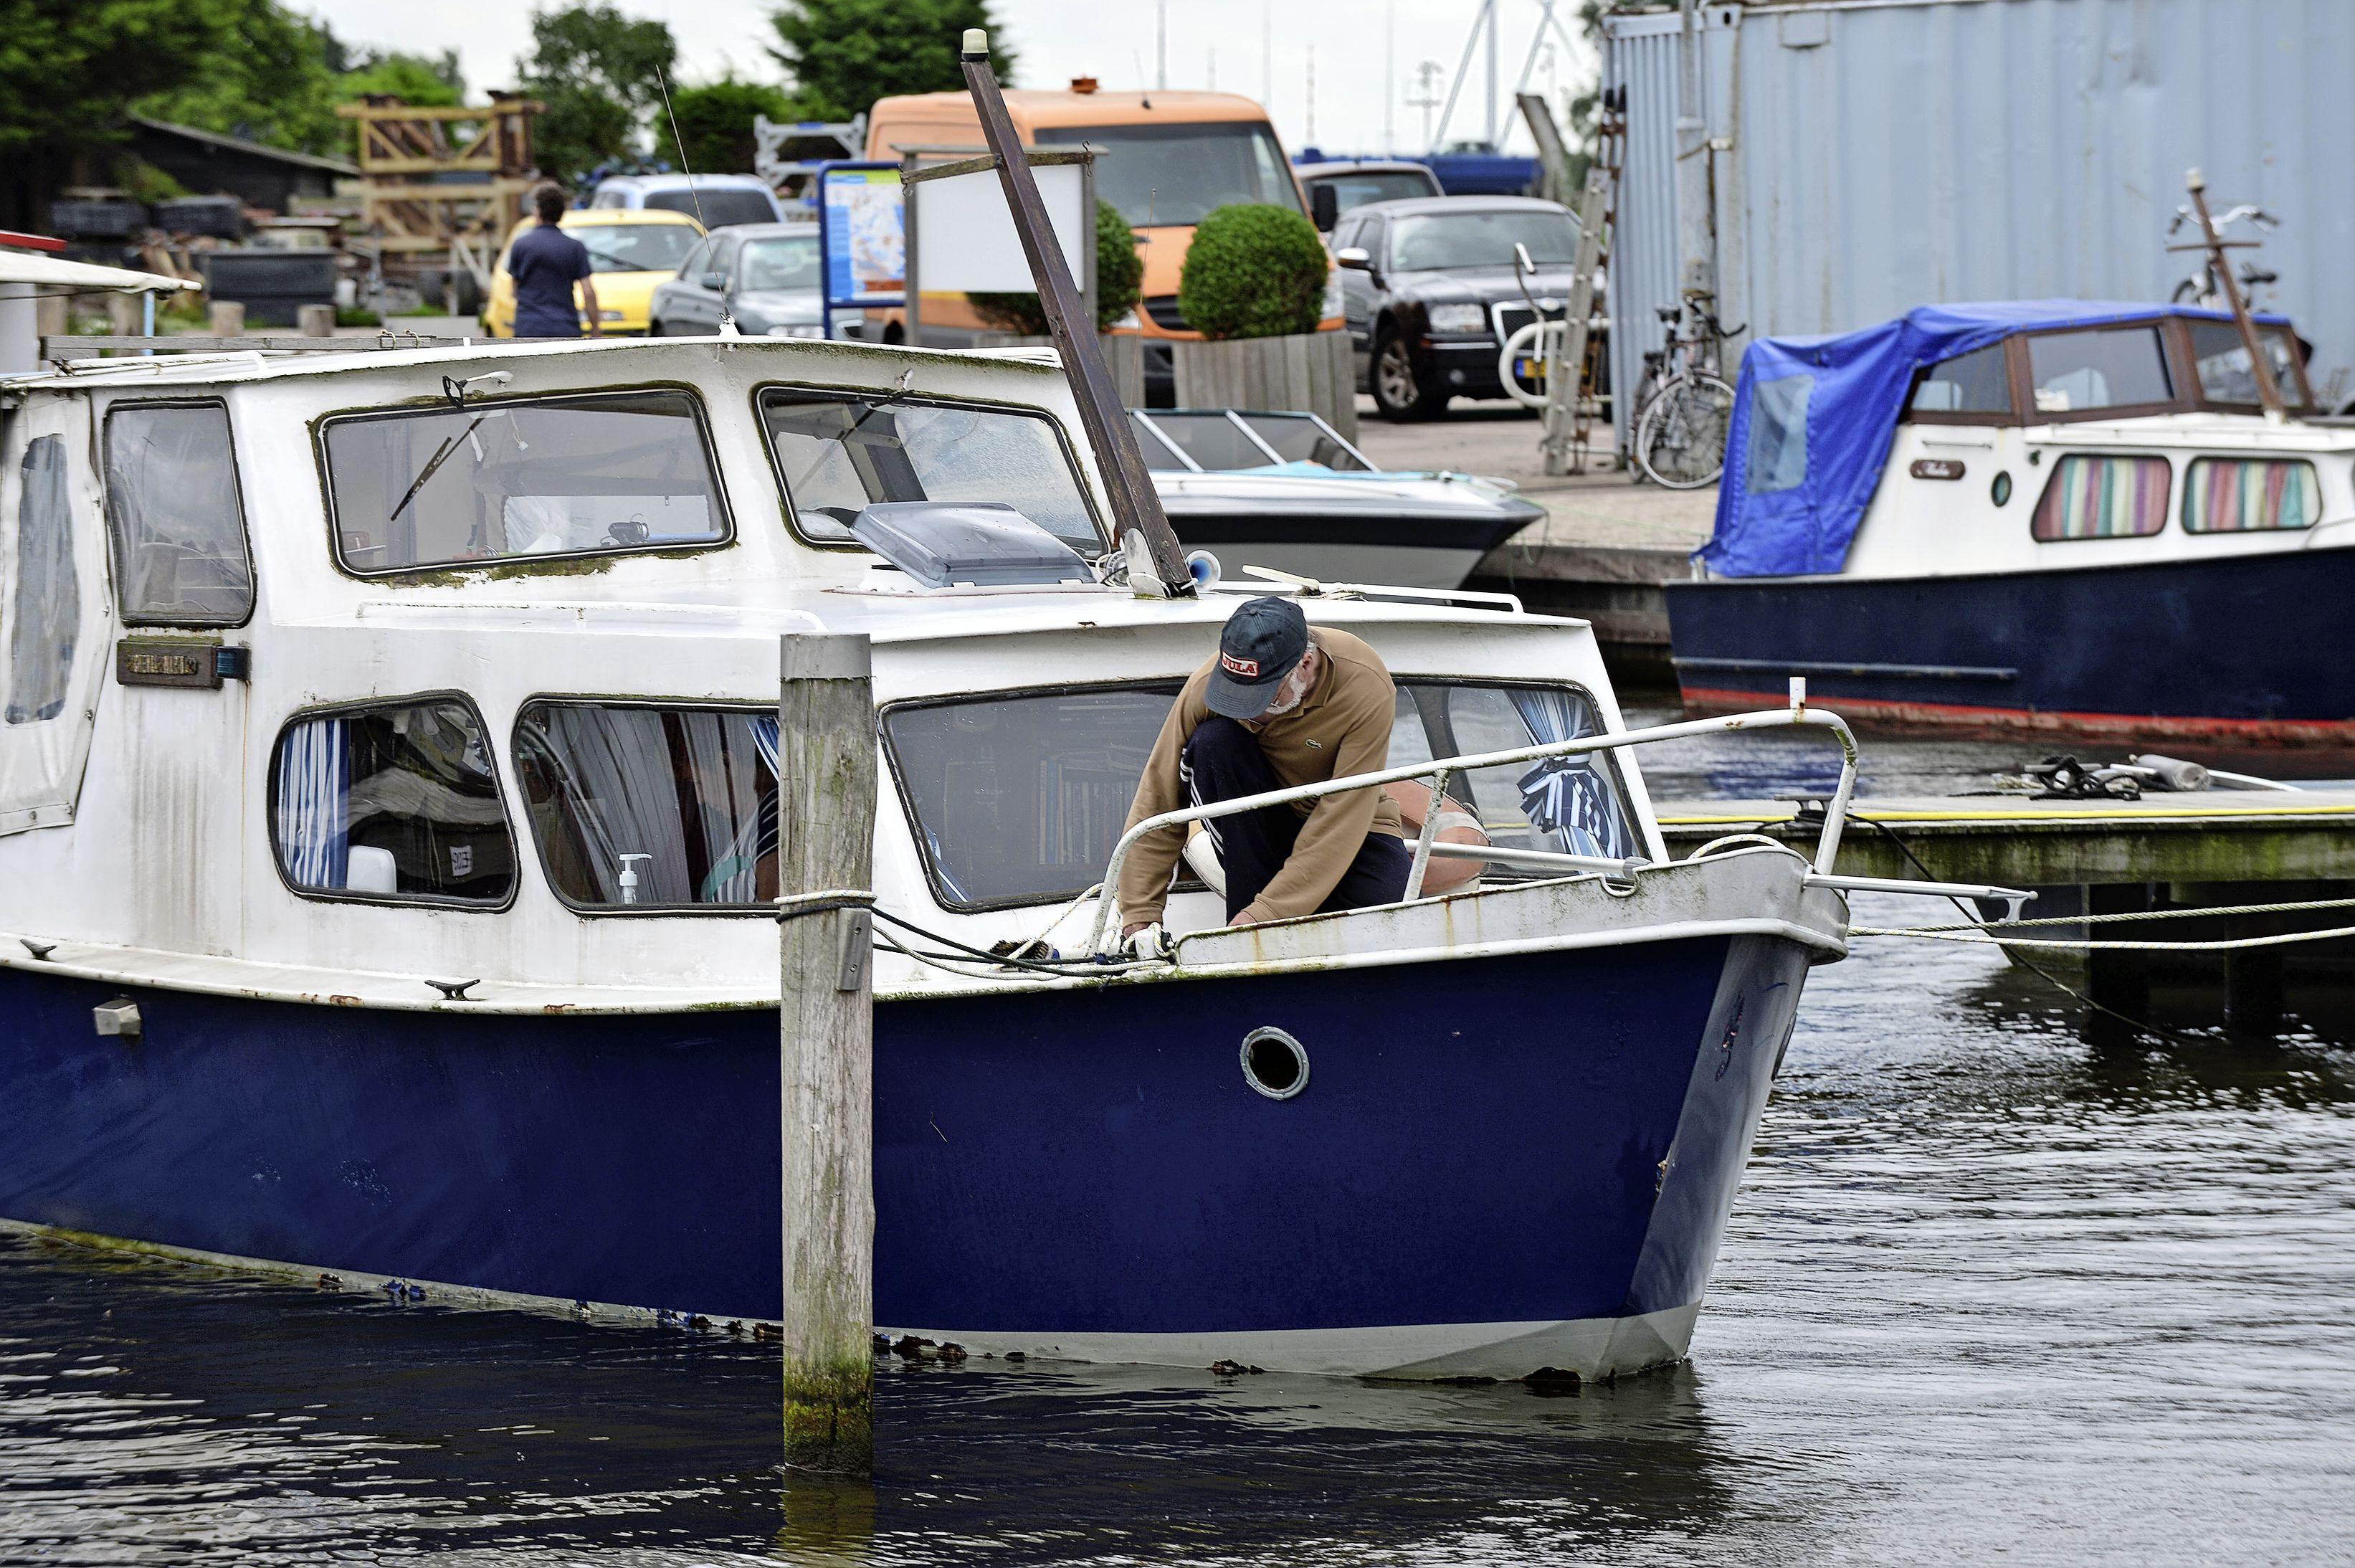 Zaanstad voert belasting in voor toerist die op boot overnacht